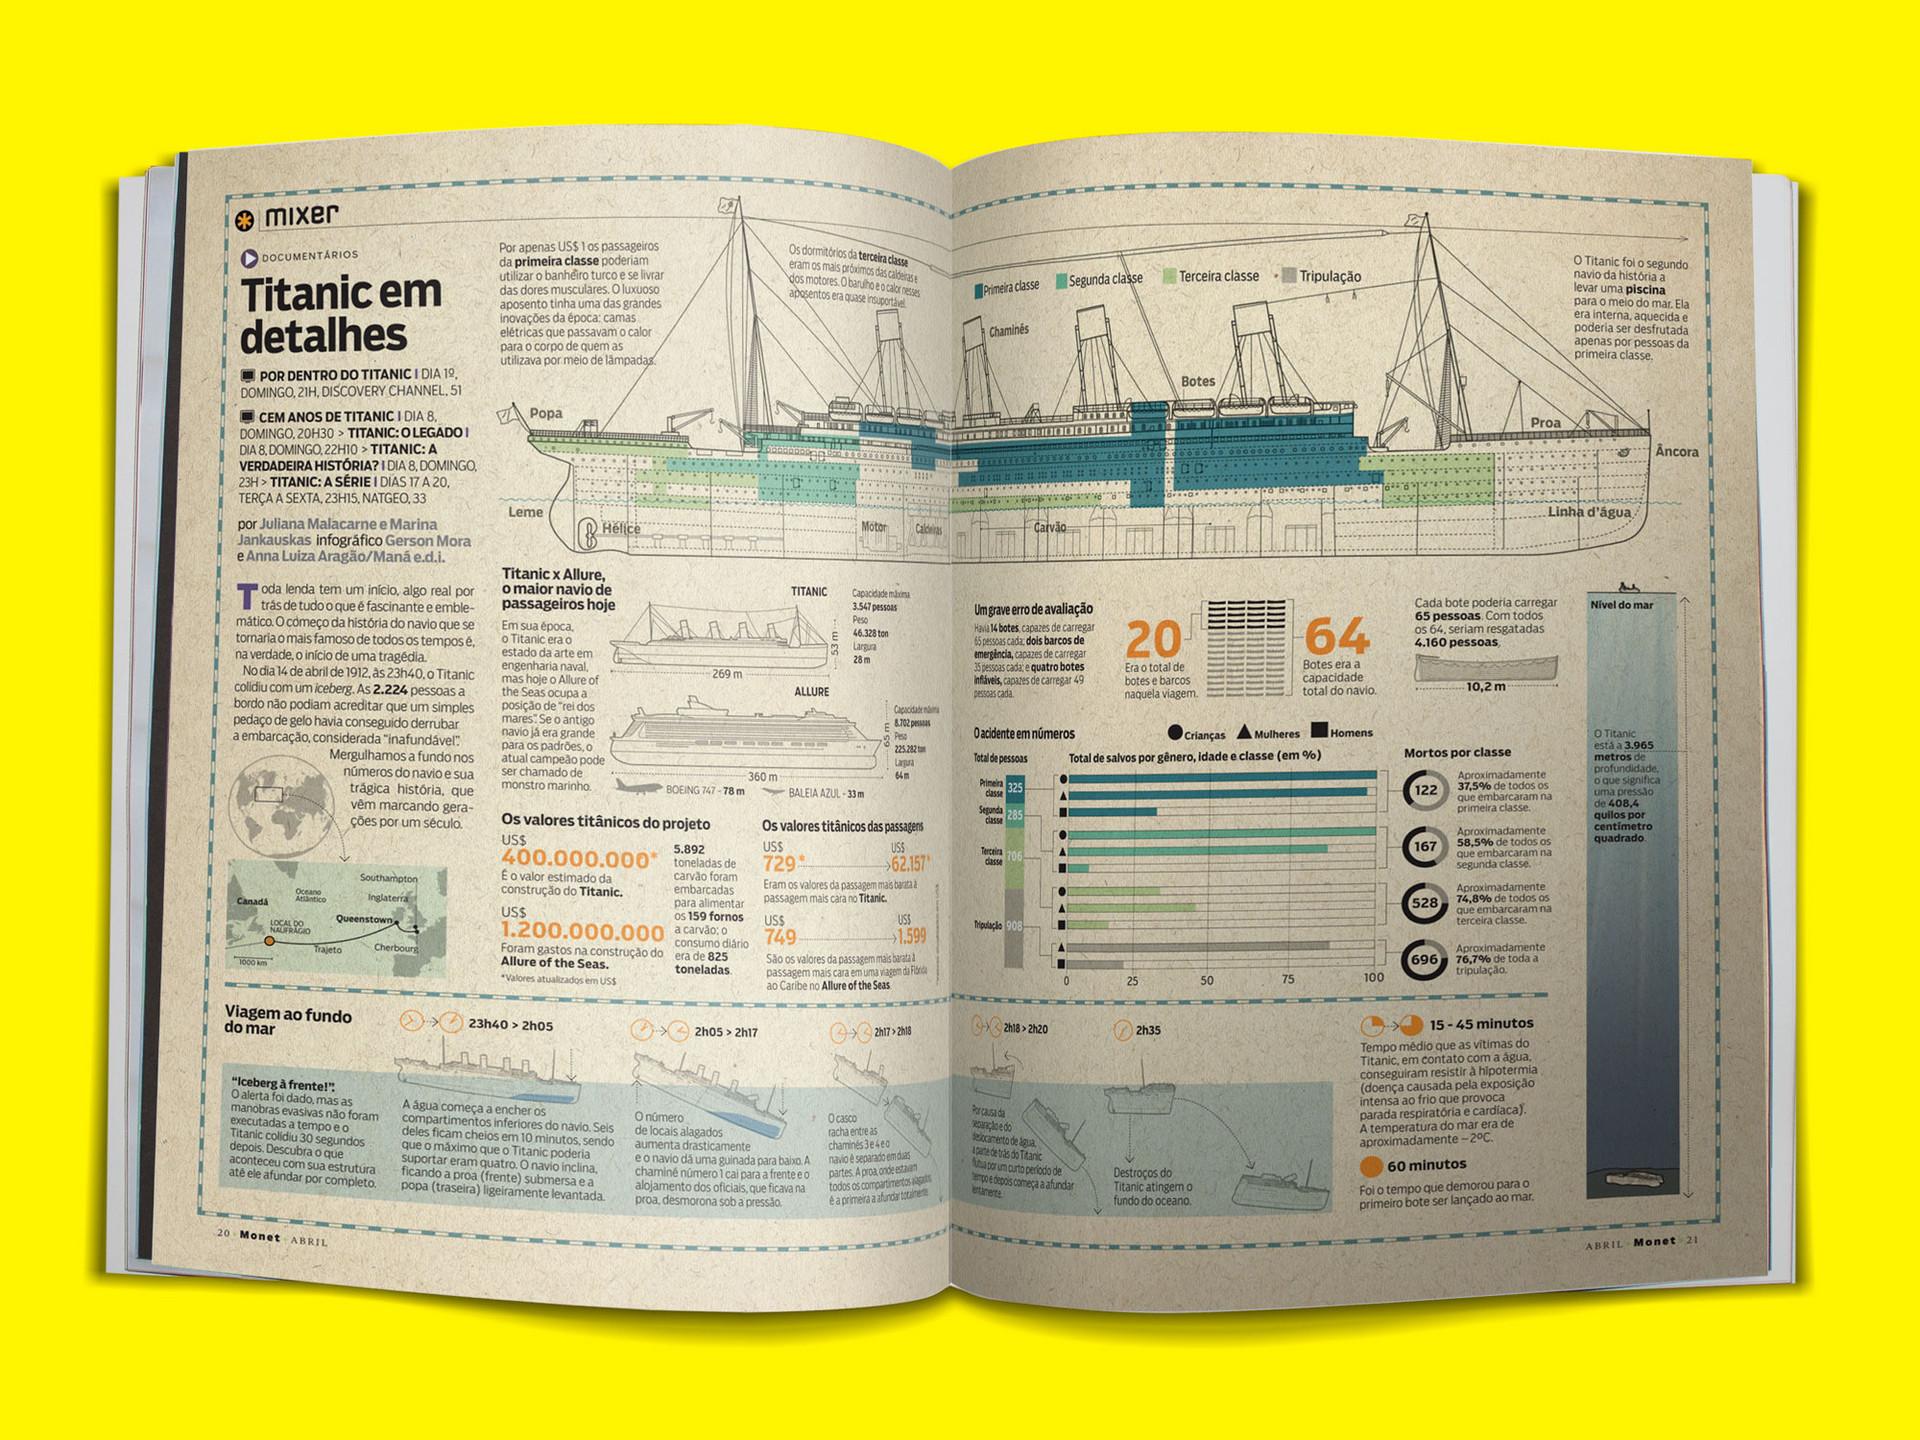 Infográfico sobre o acidente do Titanic